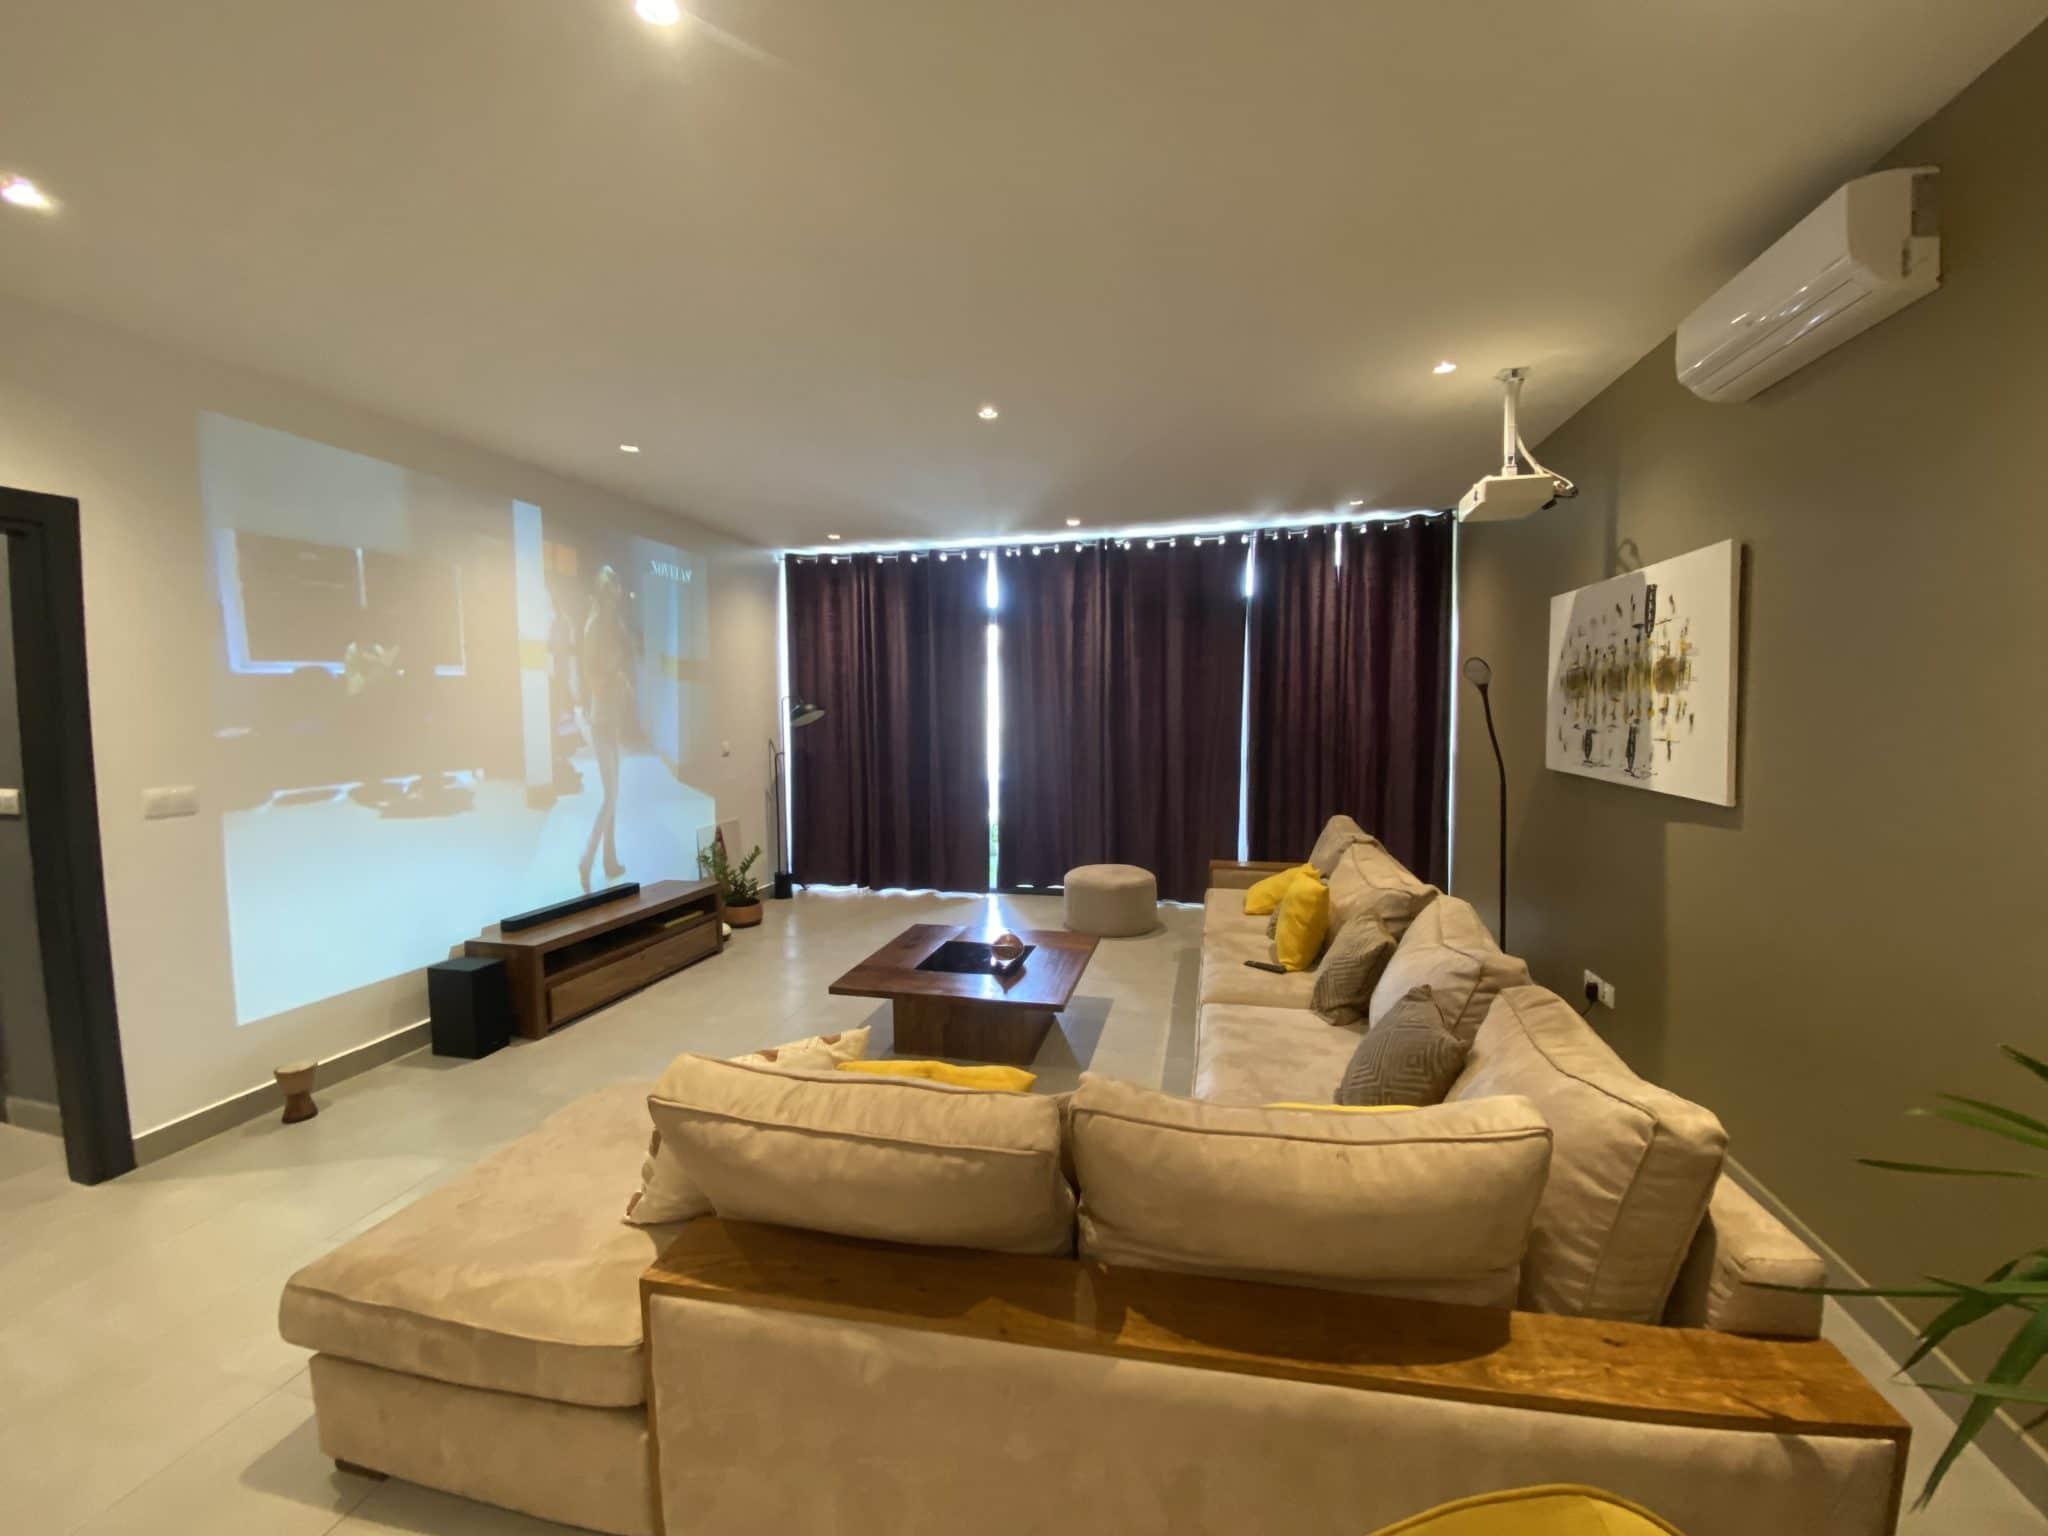 Appartement meublé à louer DAkar Almadies